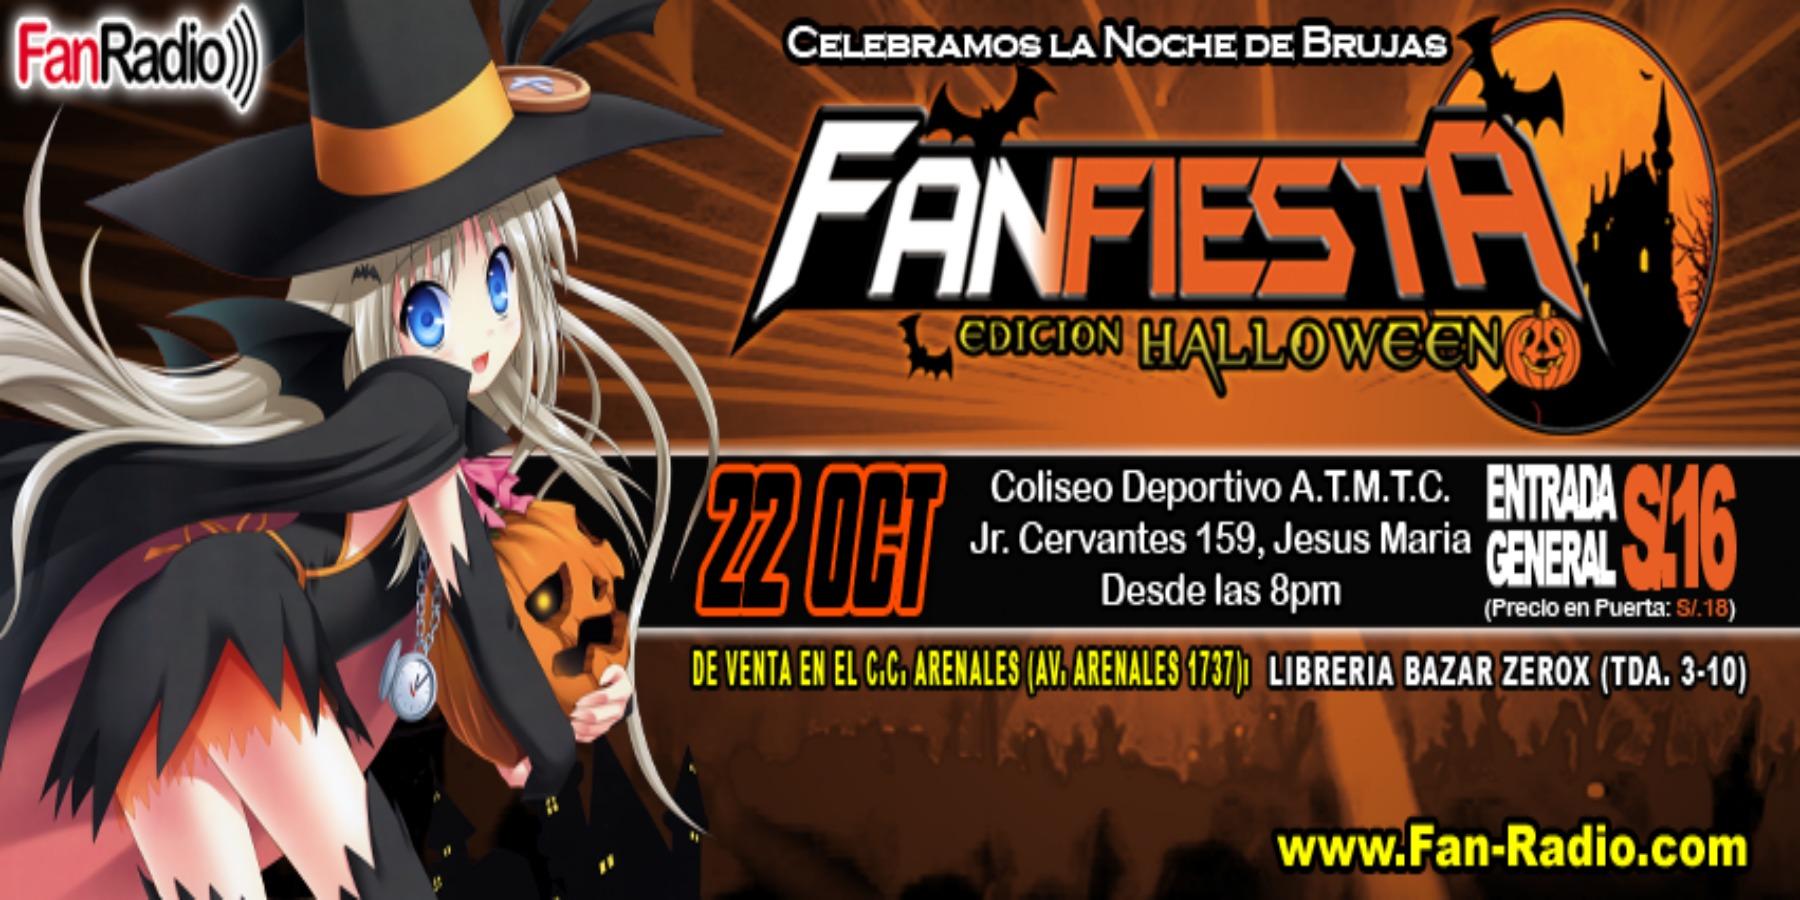 La FanFiesta Edición Halloween 2016